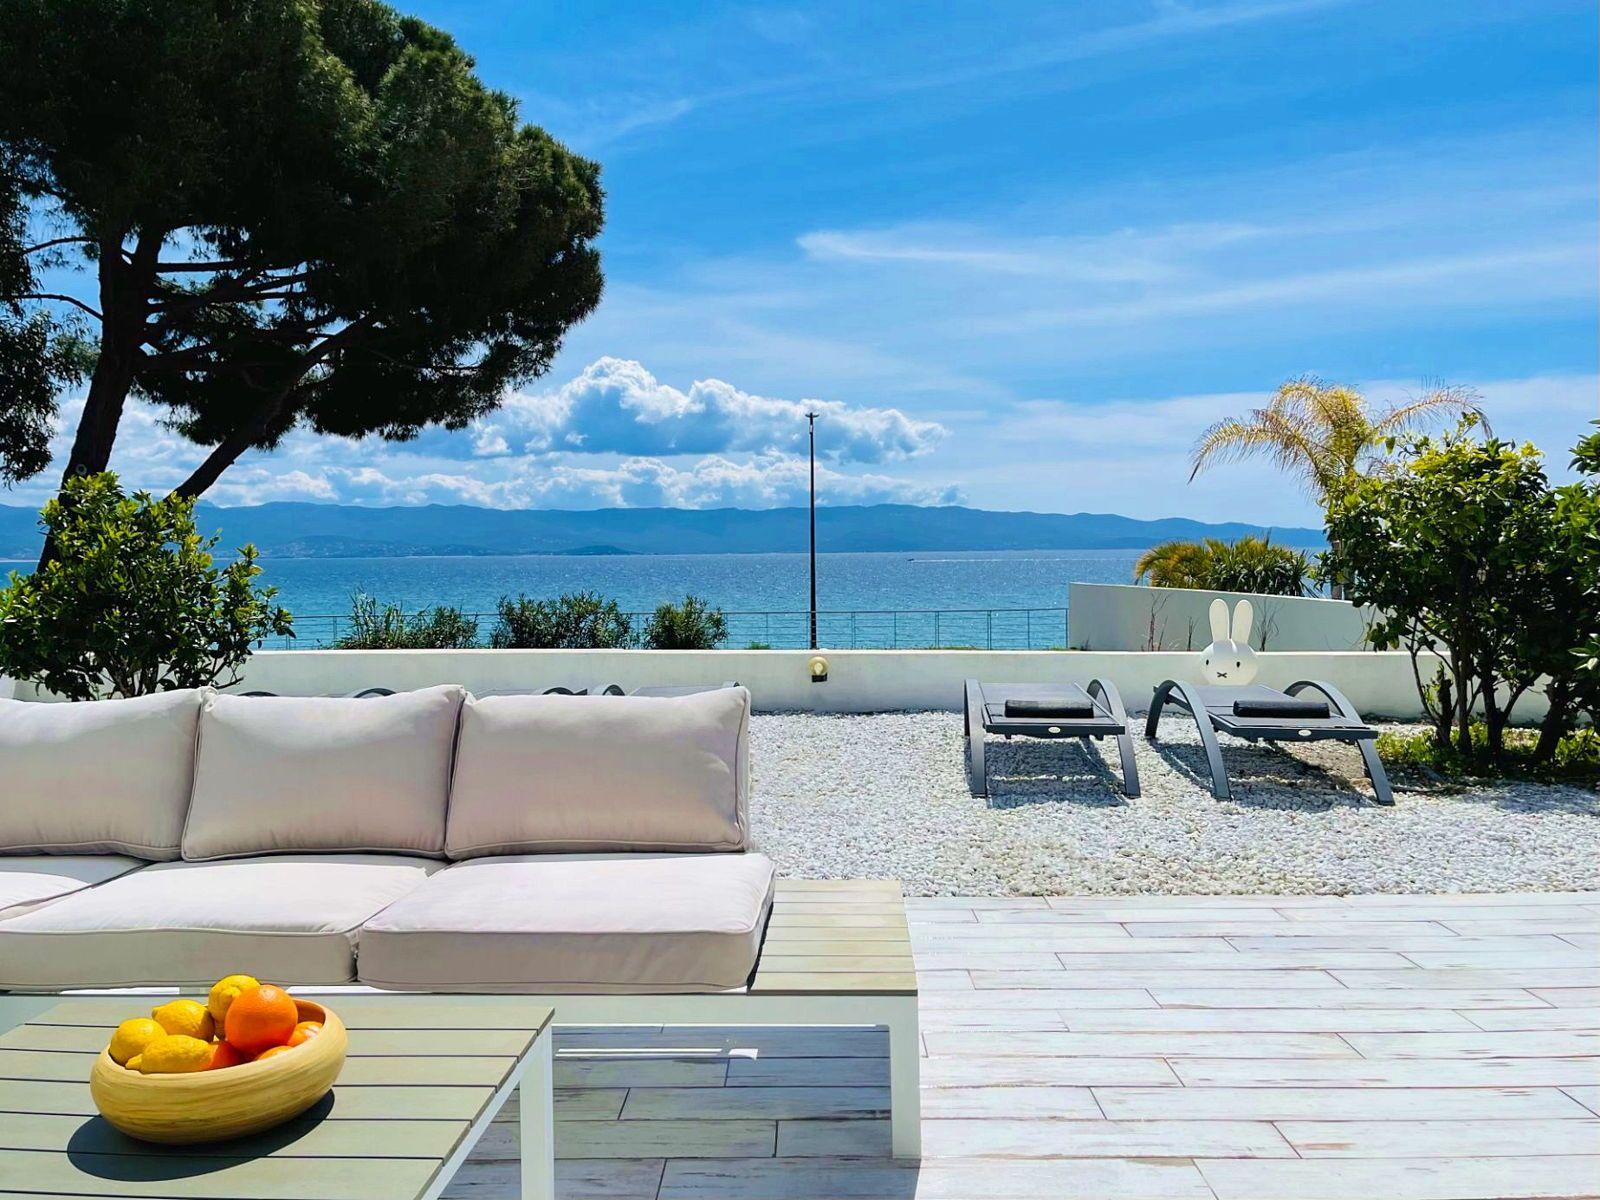 Loue Villa BIANCA, La mer dans votre jardin à Ajaccio - 3chambres - 6couchages